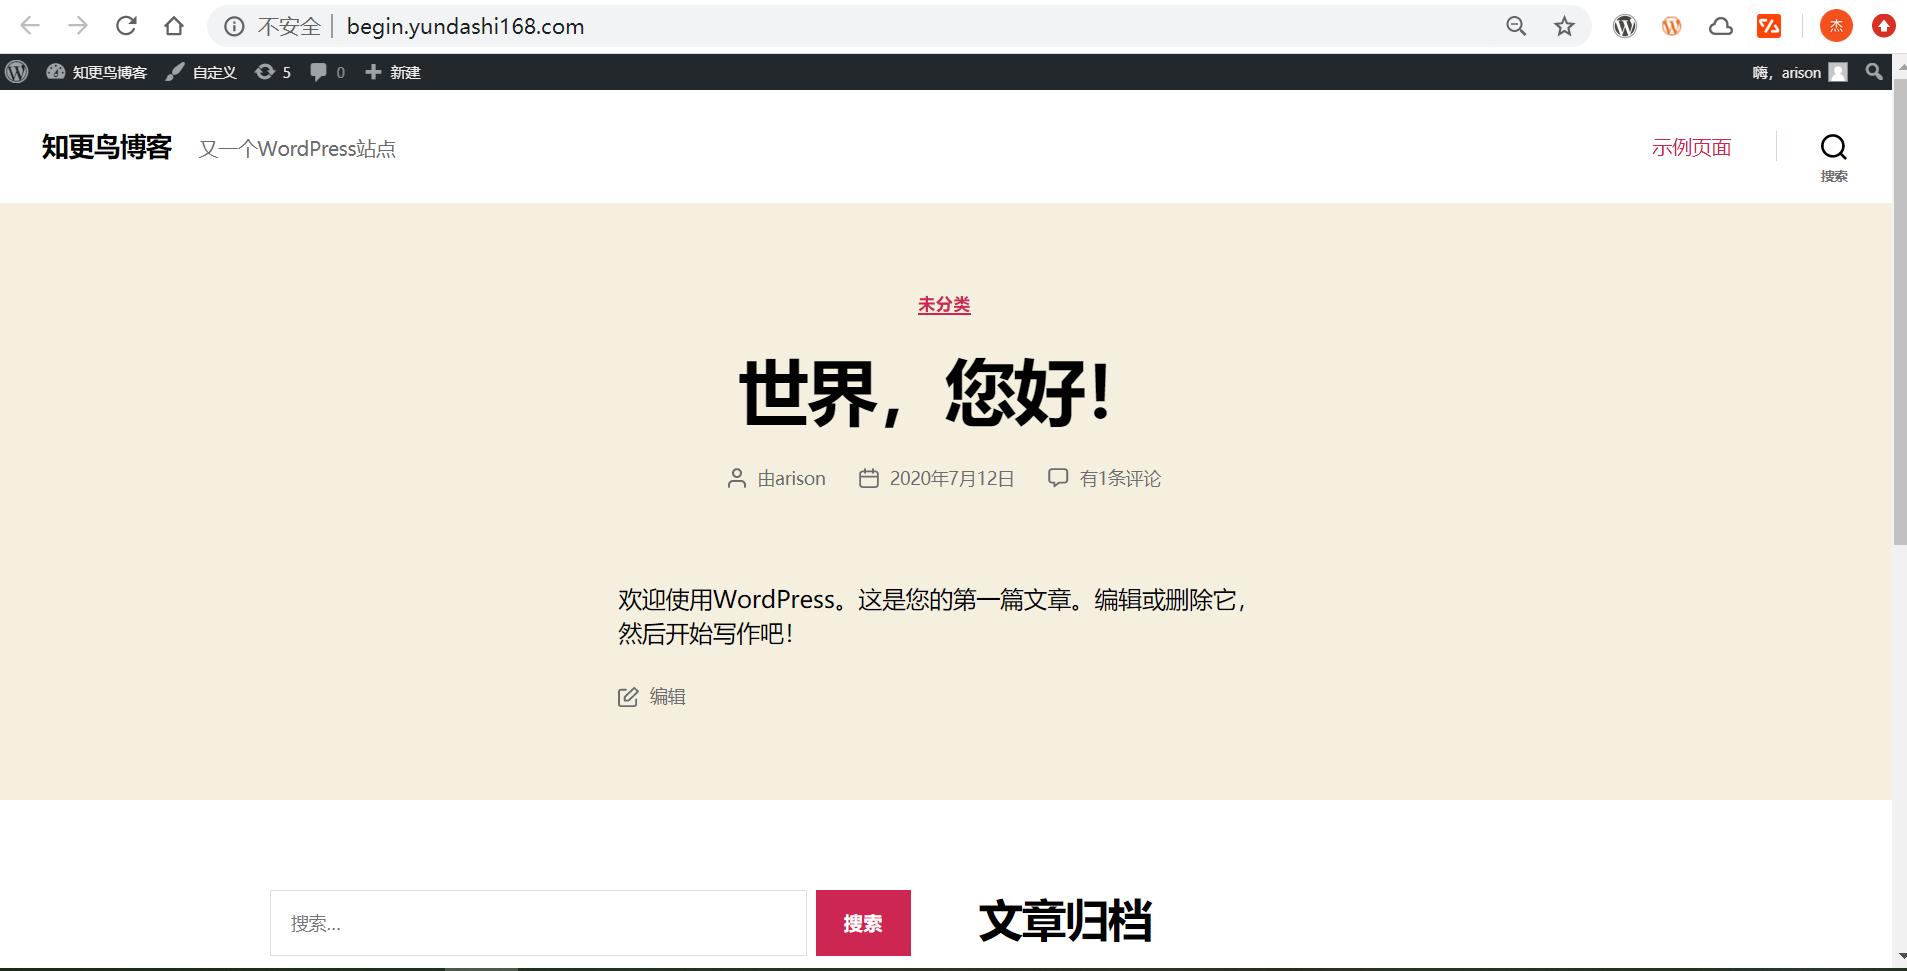 宝塔面板搭建WordPress网站新手教程